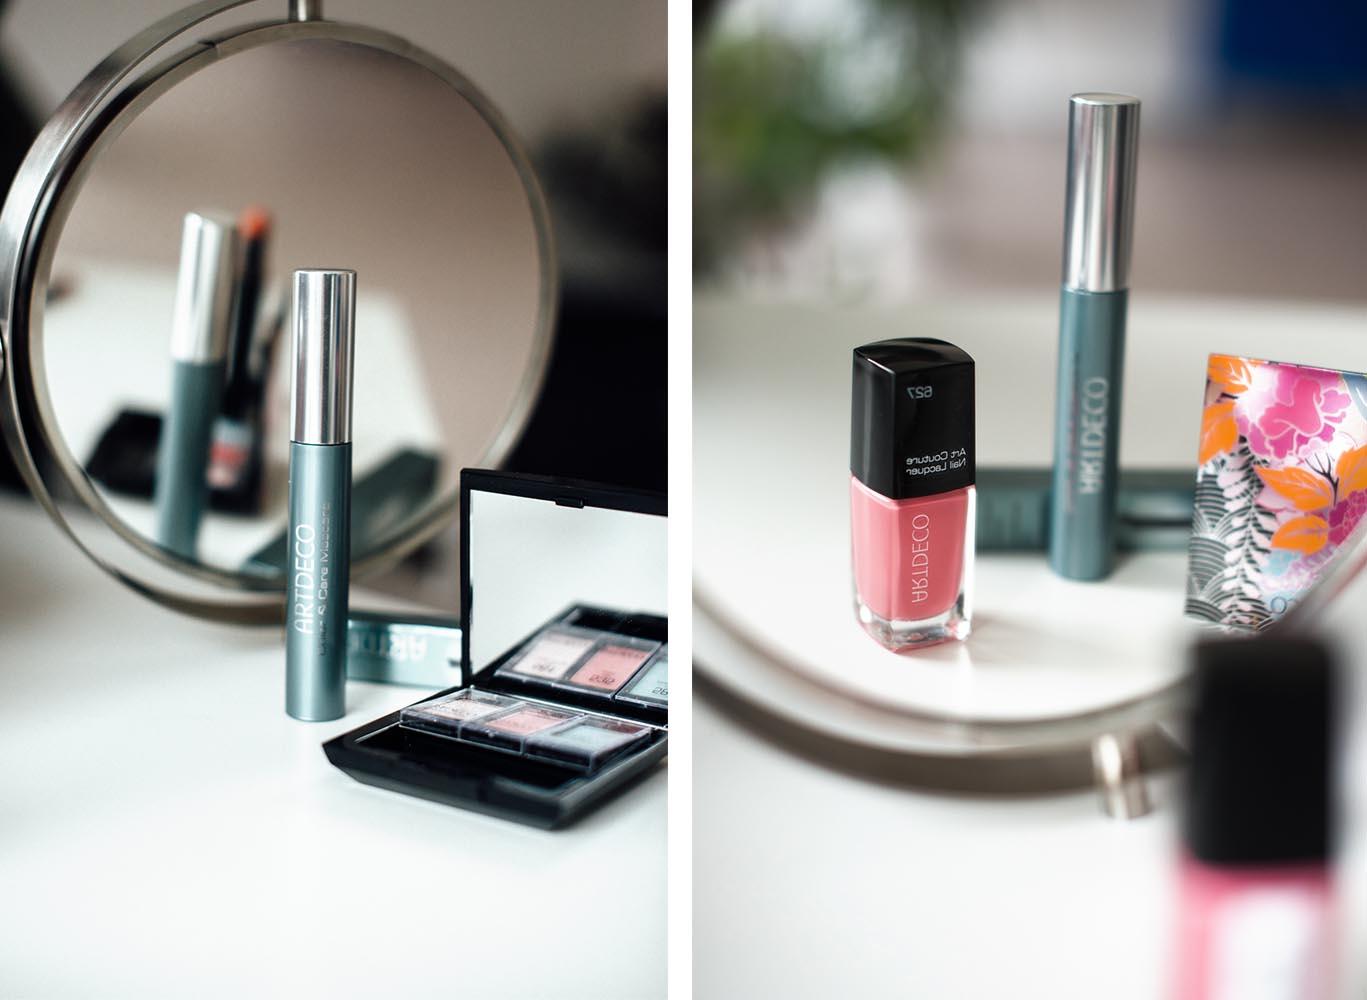 27-Kiamisu_Modeblog_Beautyblog_artdeco_Hypnotic Blossom_Review_Test-Collage_